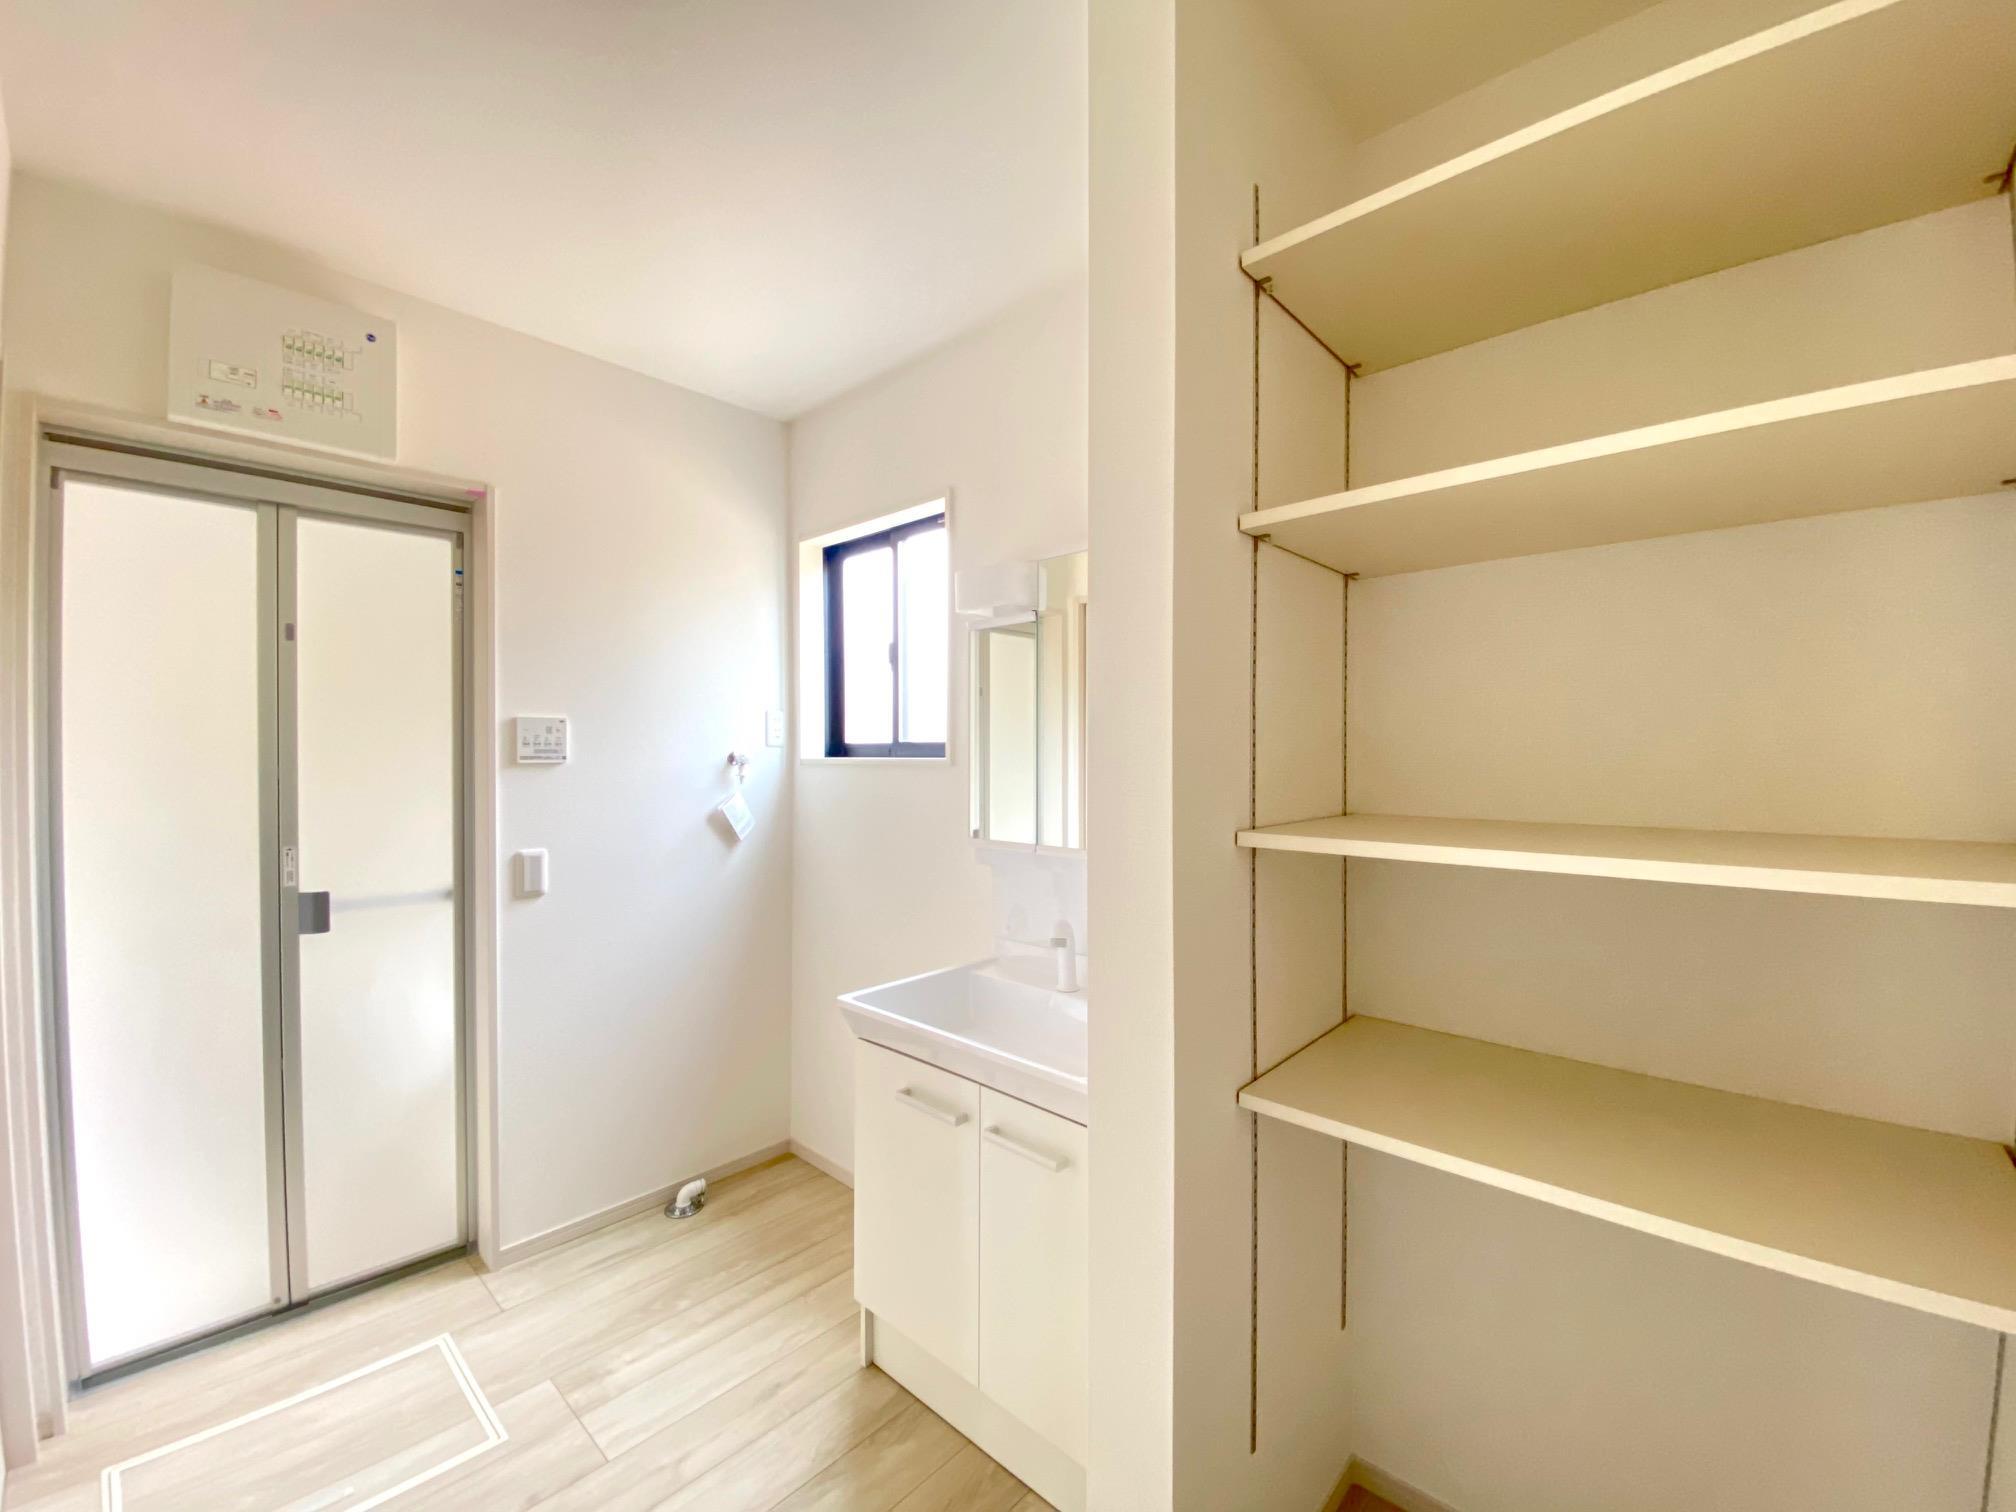 洗面台・洗面所*洗面スペース 可動棚付きなのでタオルやお子さまのお着替え、洗剤などをスッキリ収納できます♪